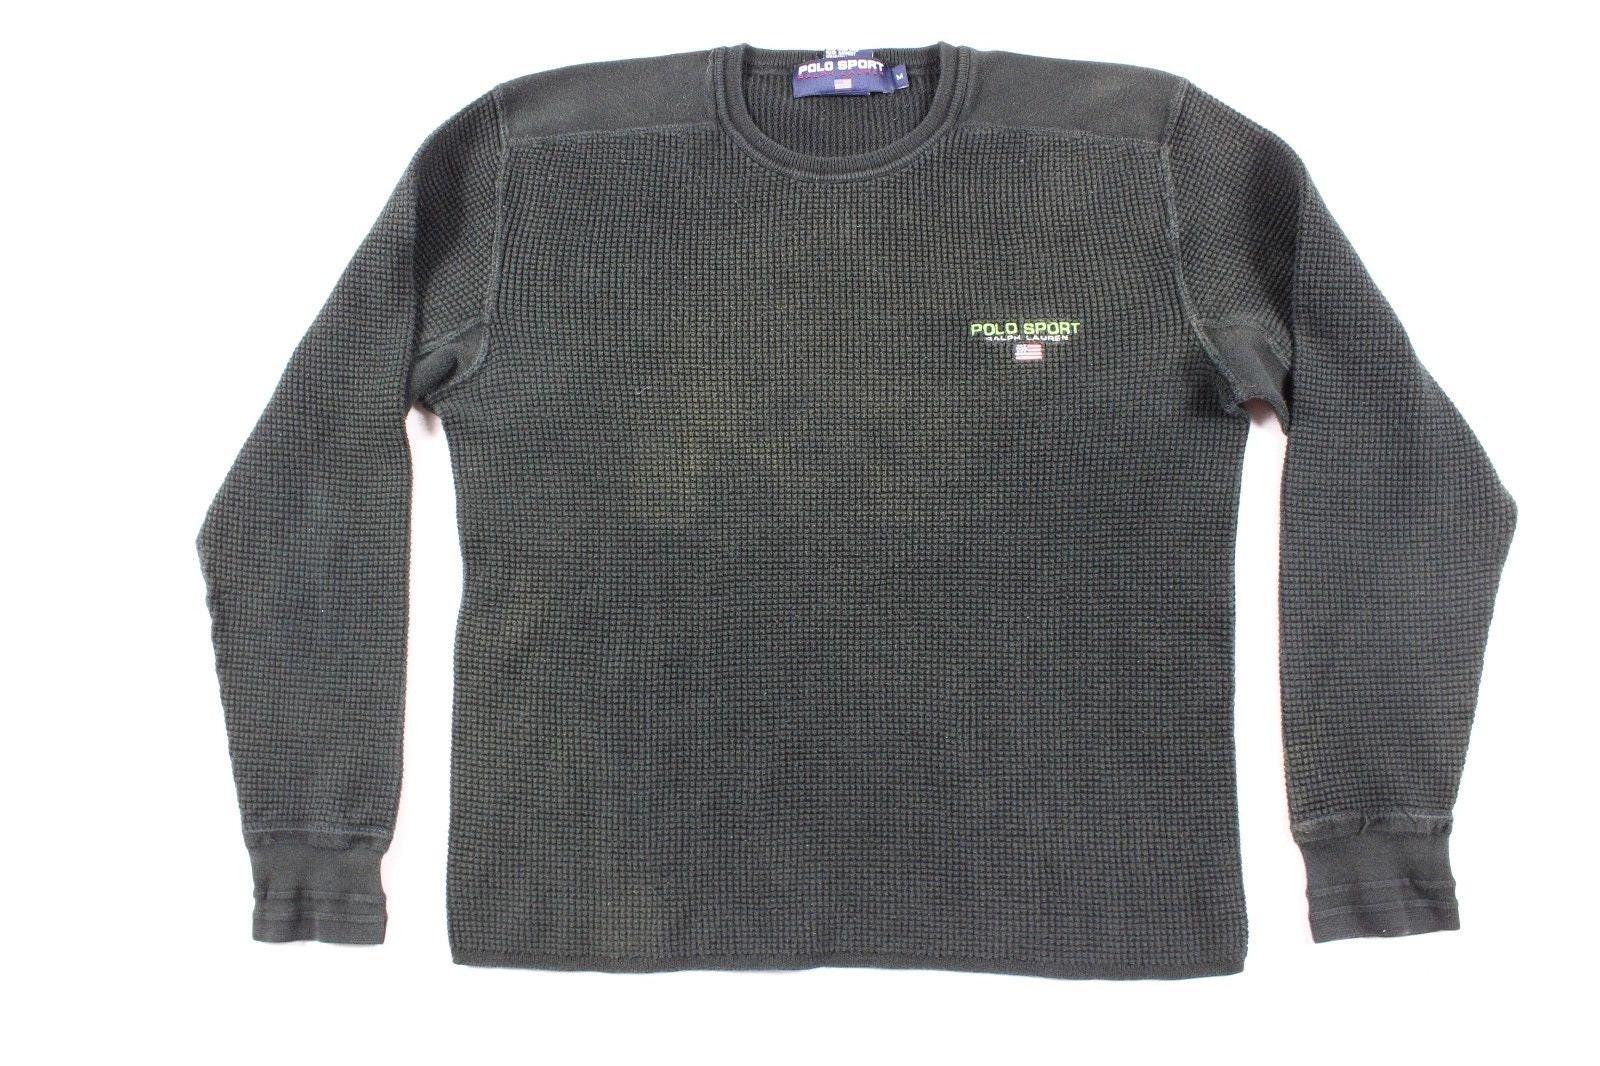 90 s longues Polo Sport Ralph Lauren sort à manches longues s USA Flag  thermique chemise Mens Medium noir, T-Shirt de Sport Polo Vintage, des  années 90, ... 7e602f783afb